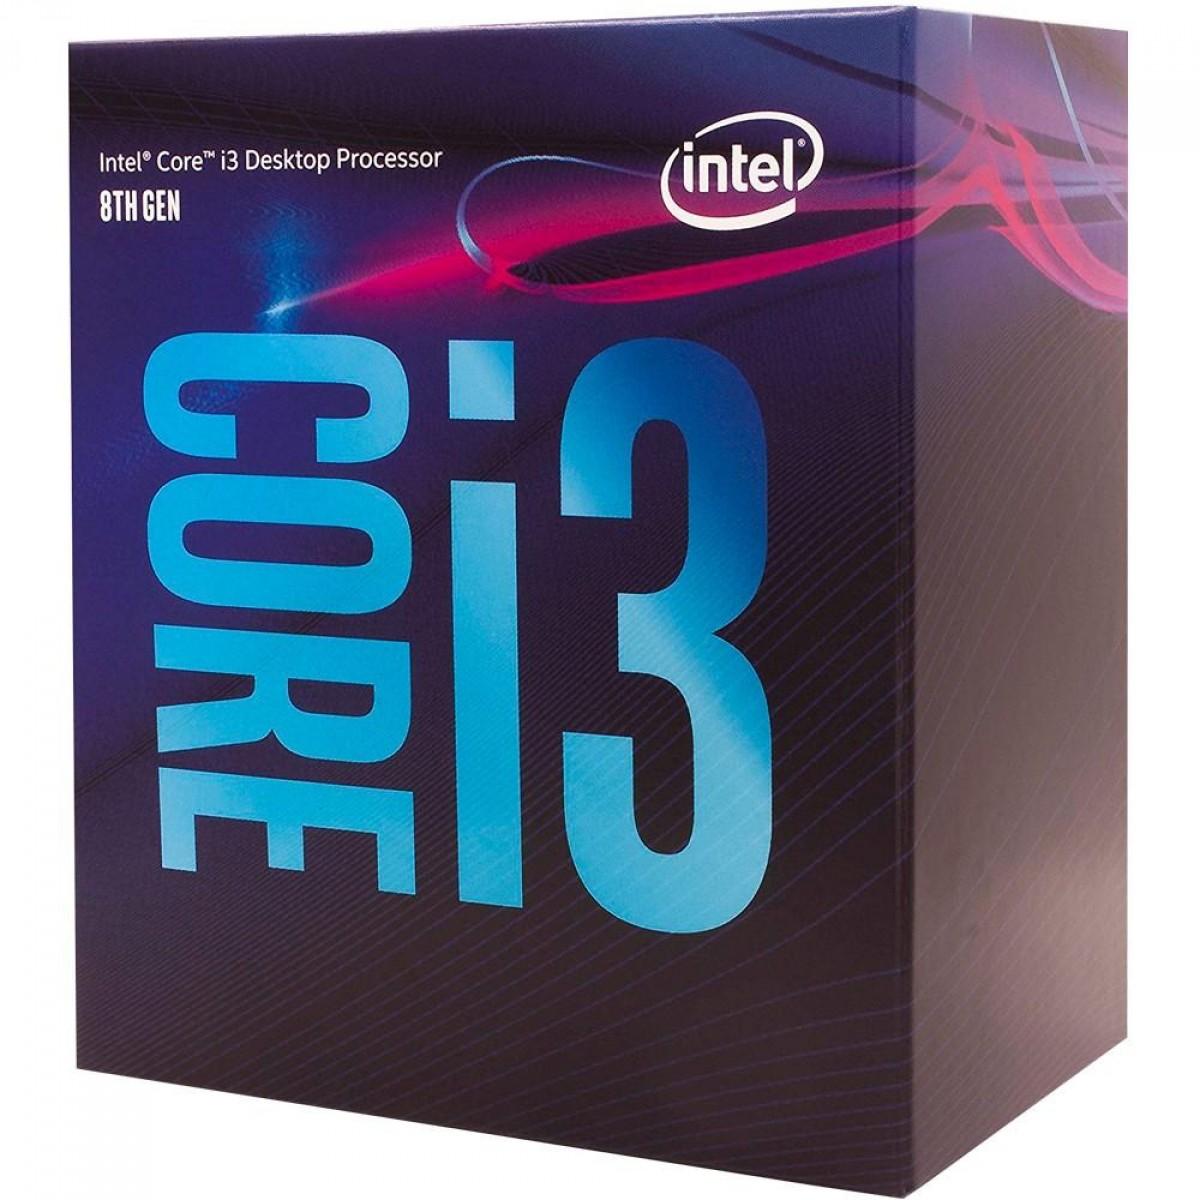 Processador Intel Core i3 9300 3.7GHz (4.3GHz Turbo), 9ª Geração, 4-Core 4-Thread, LGA 1151, BX80684I39300